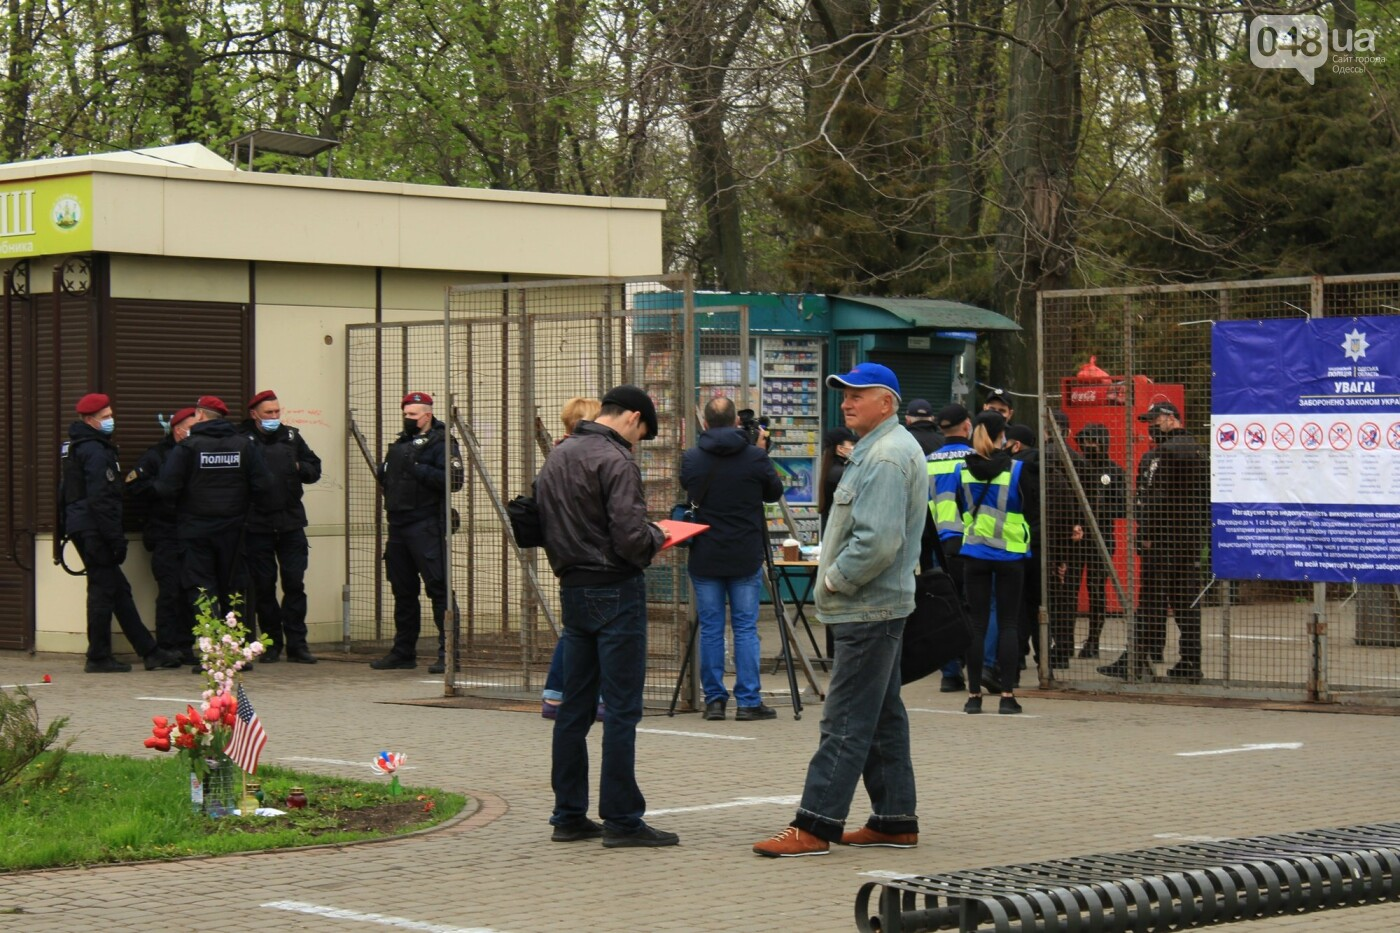 В Одессе к Дому профсоюзов несут цветы под присмотром полиции и медиков, - ФОТО, ВИДЕО , фото-5